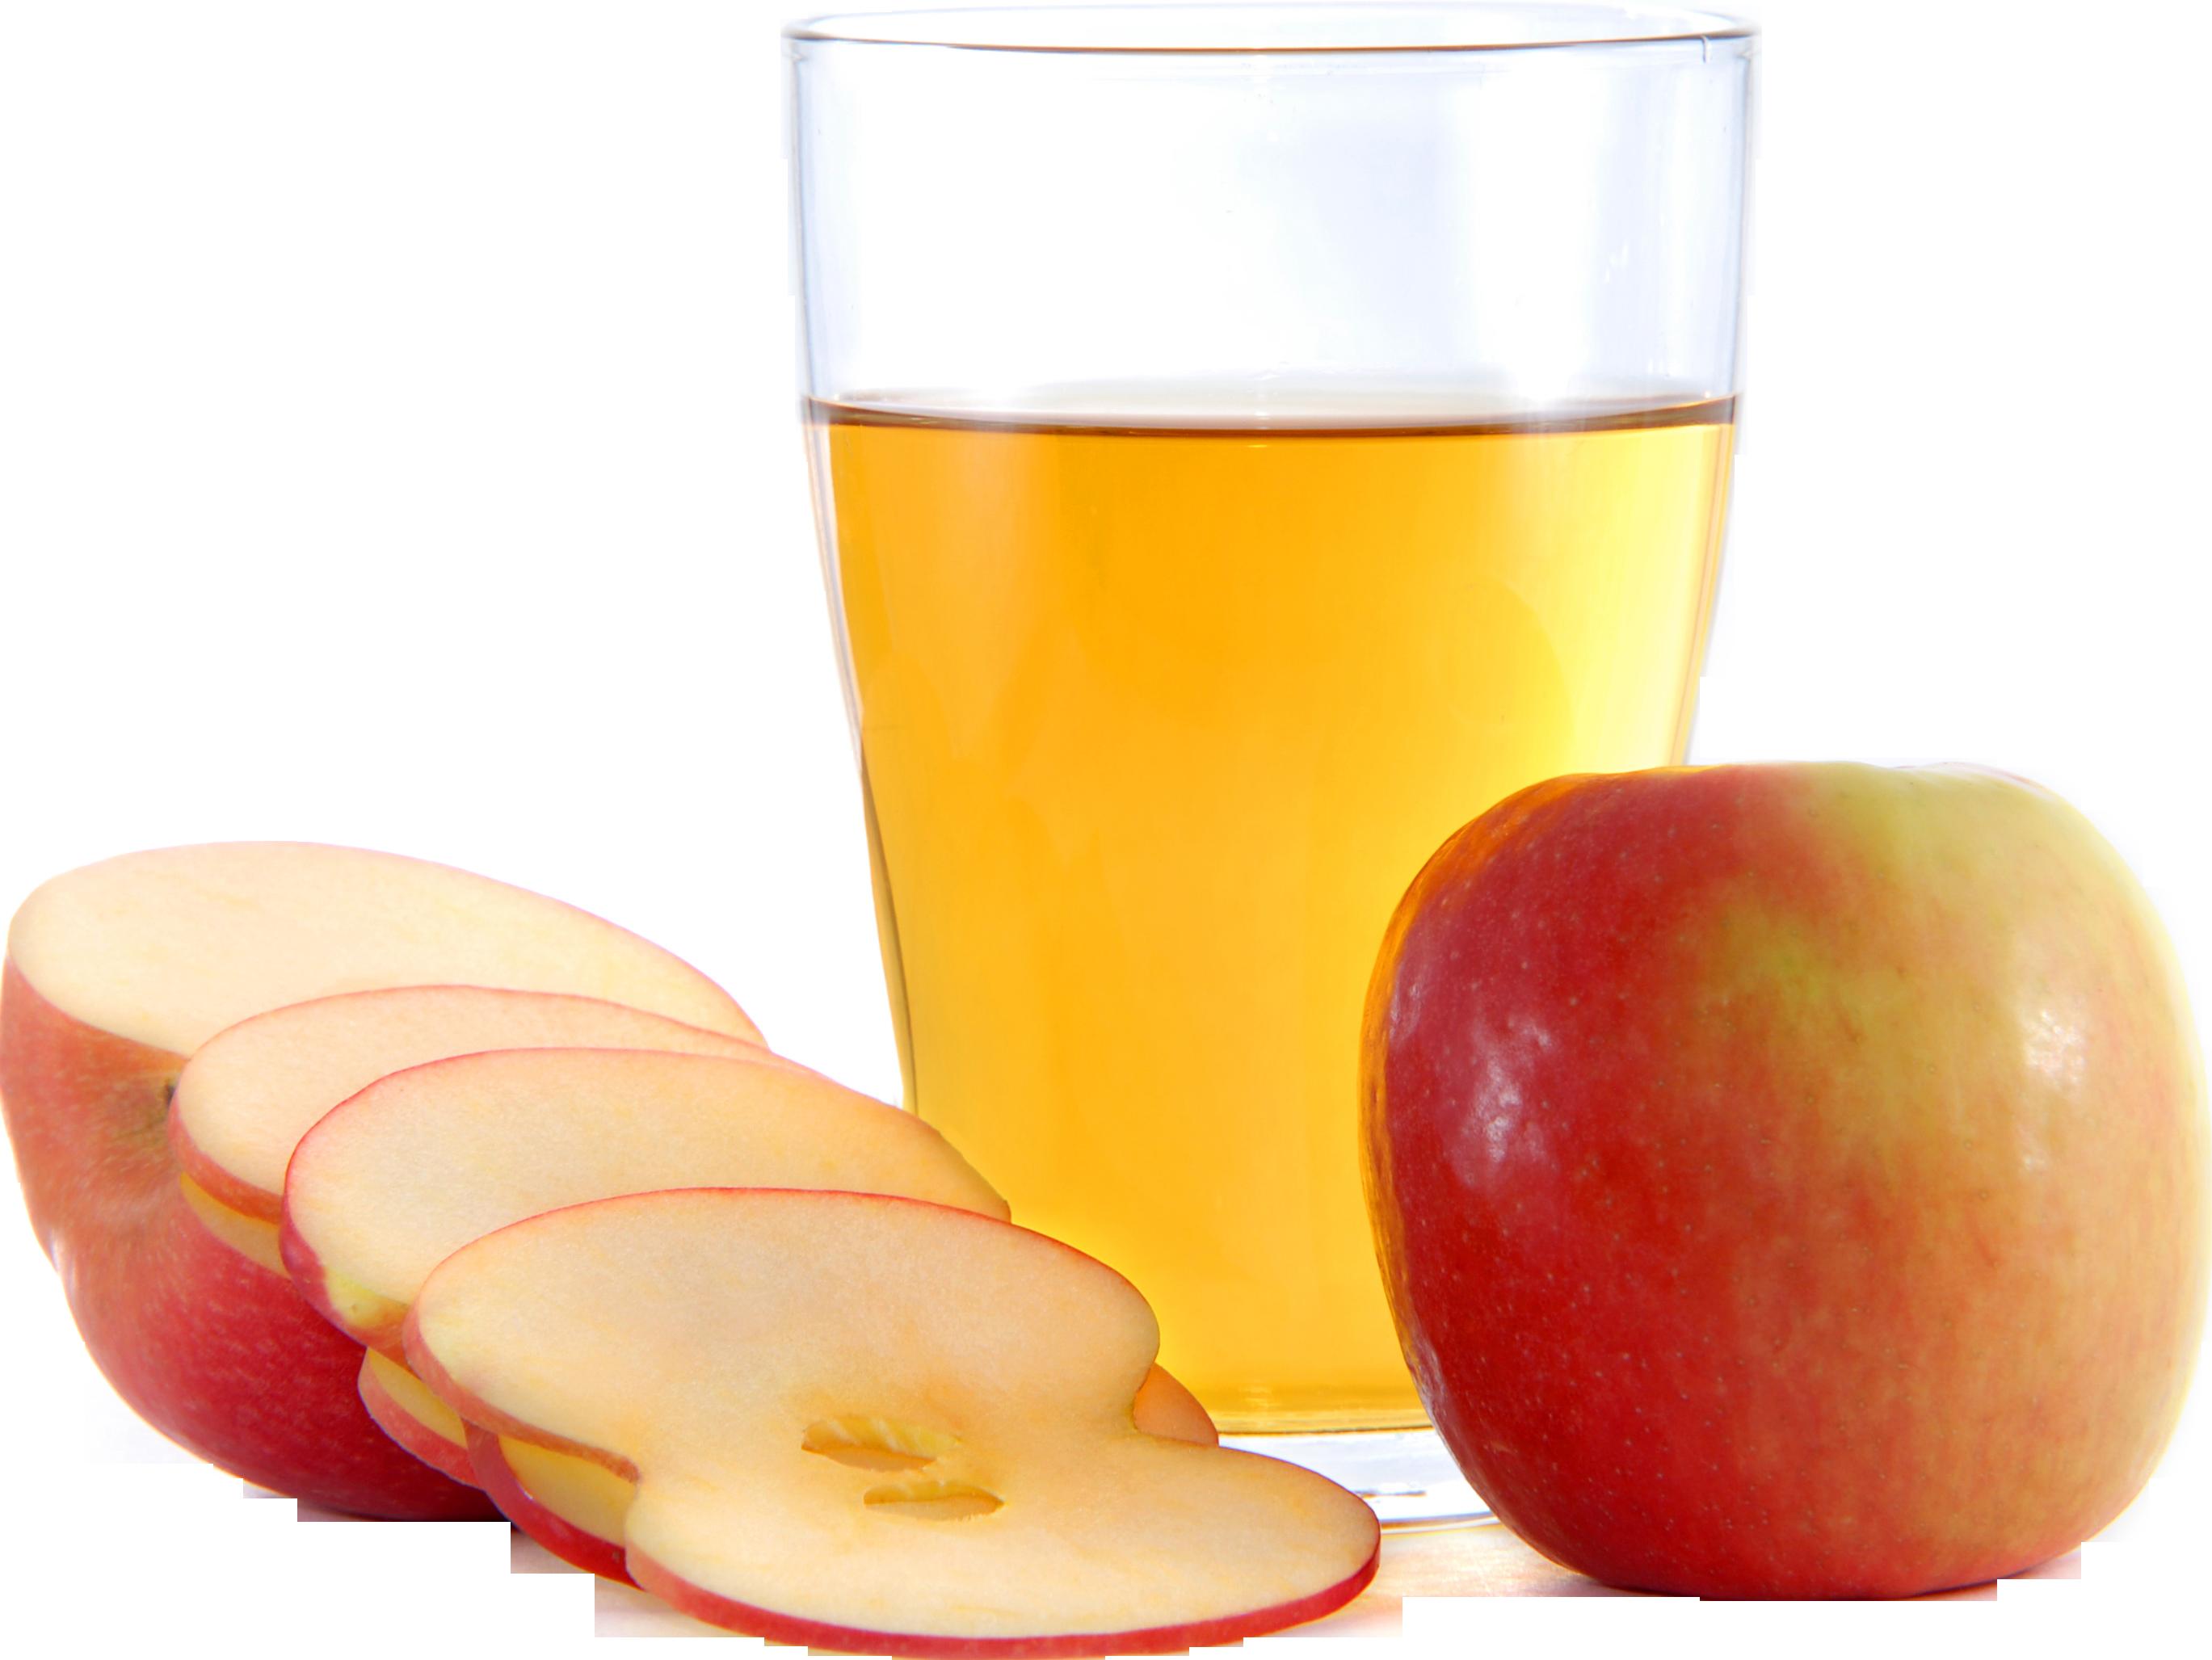 Download Png Image Apple Juice Png Image Apple Cider Benefits Apple Cider Vinegar Uses Apple Cider Vinegar Drink